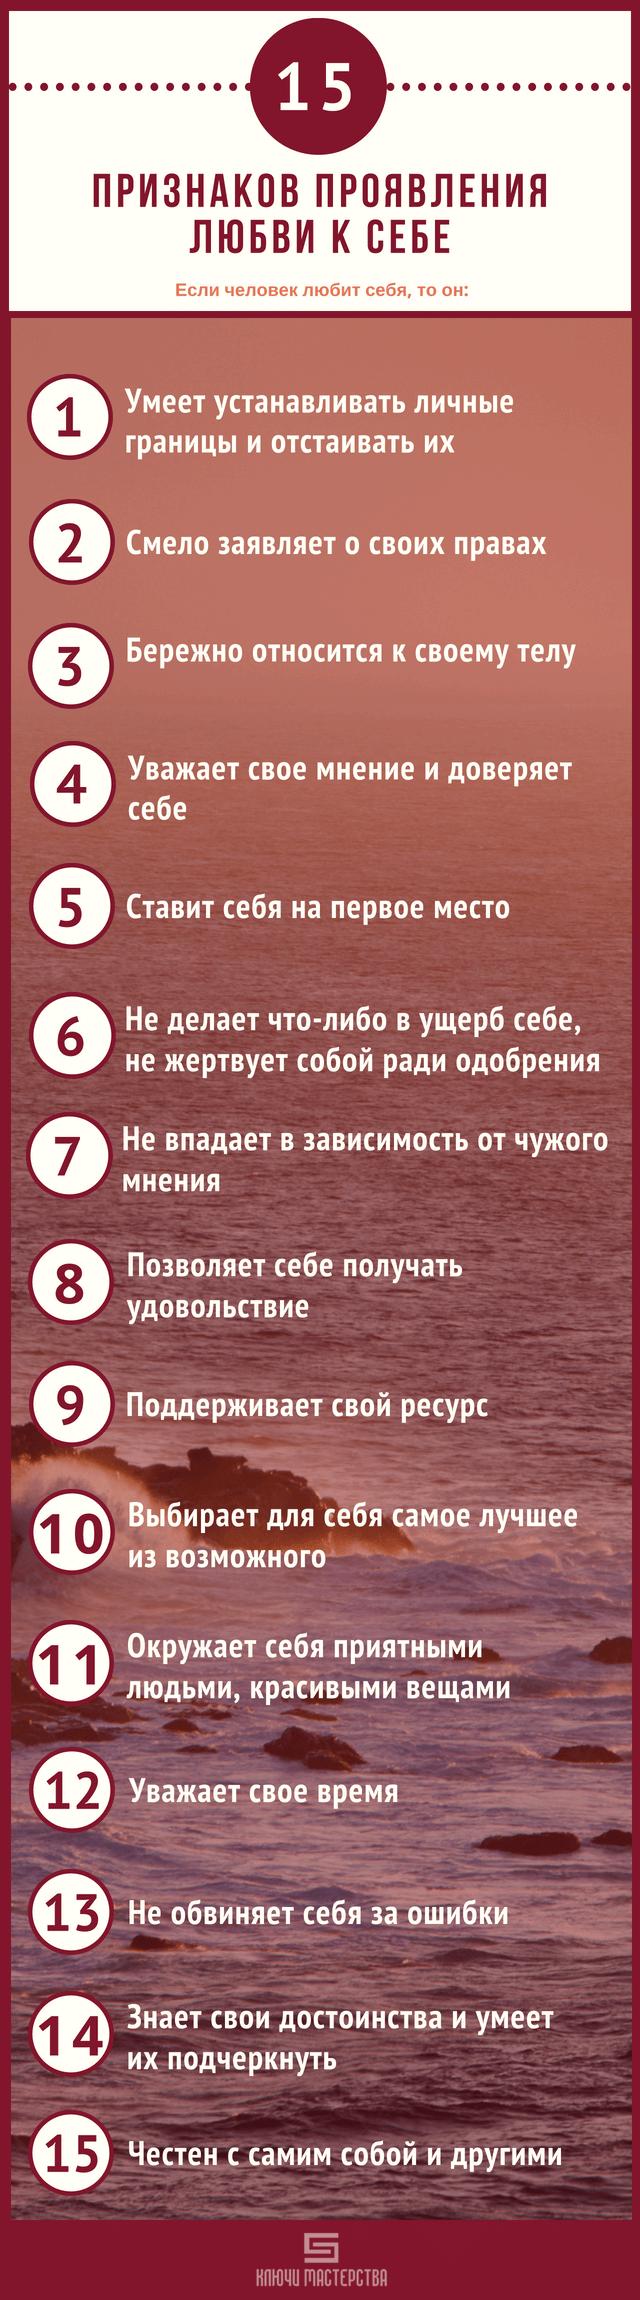 Что значит полюбить себя. 15 признаков, которые указывают на то, что вы любите себя